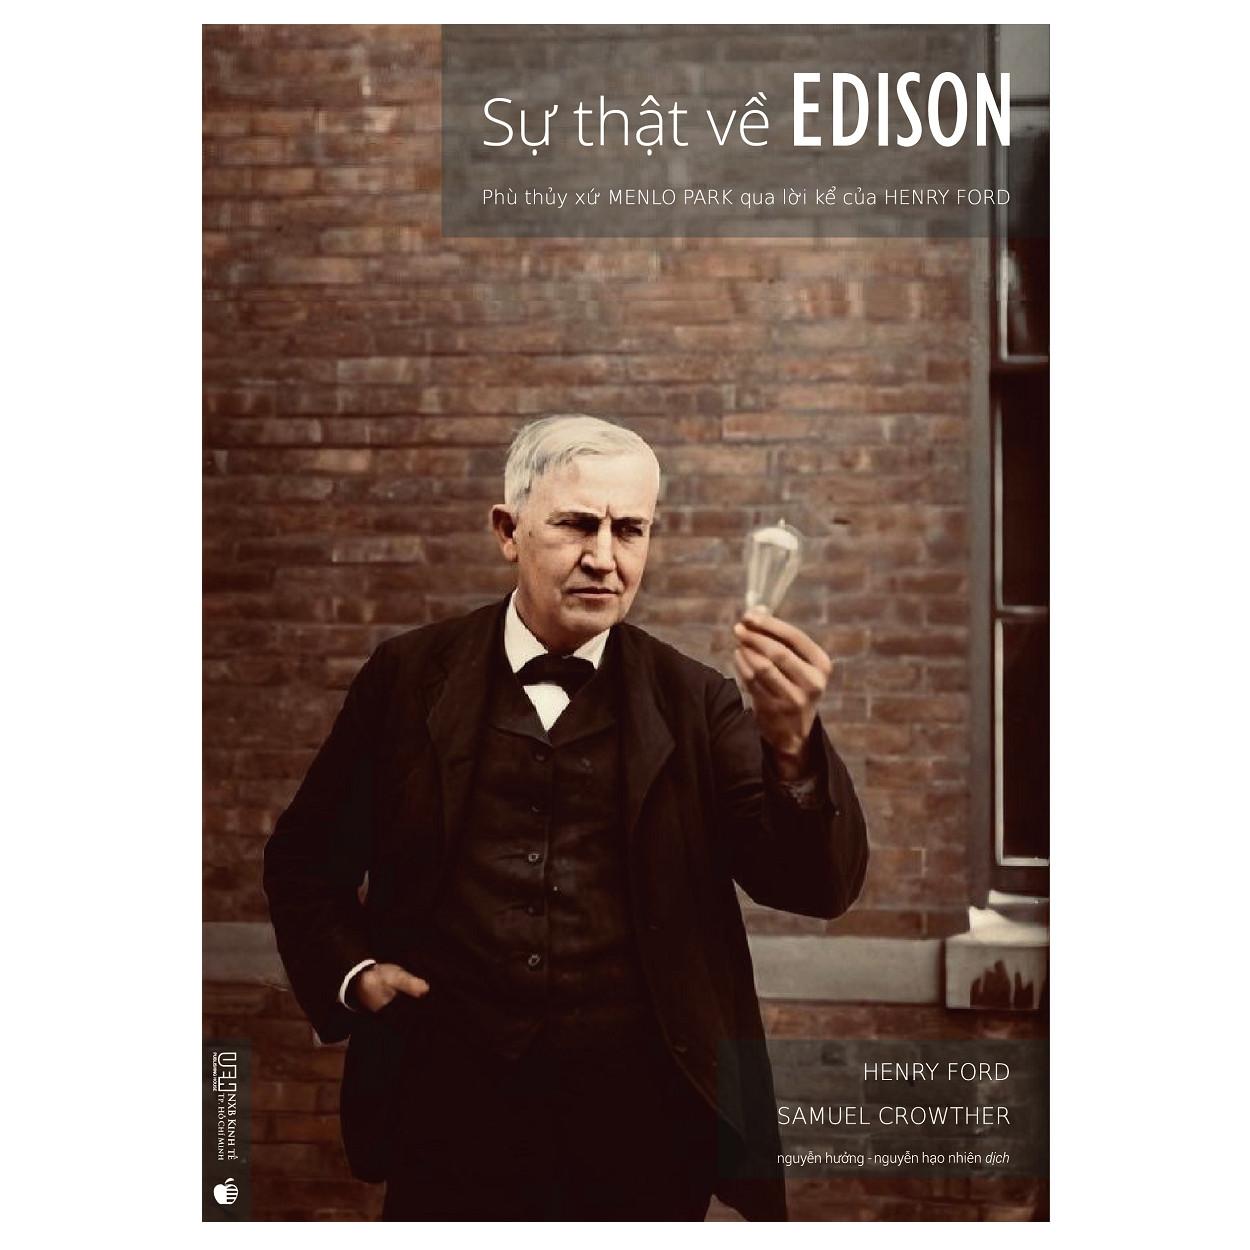 Sự thật về Edison - Phù thủy xứ Menlo Park qua lời kể của Henry Ford